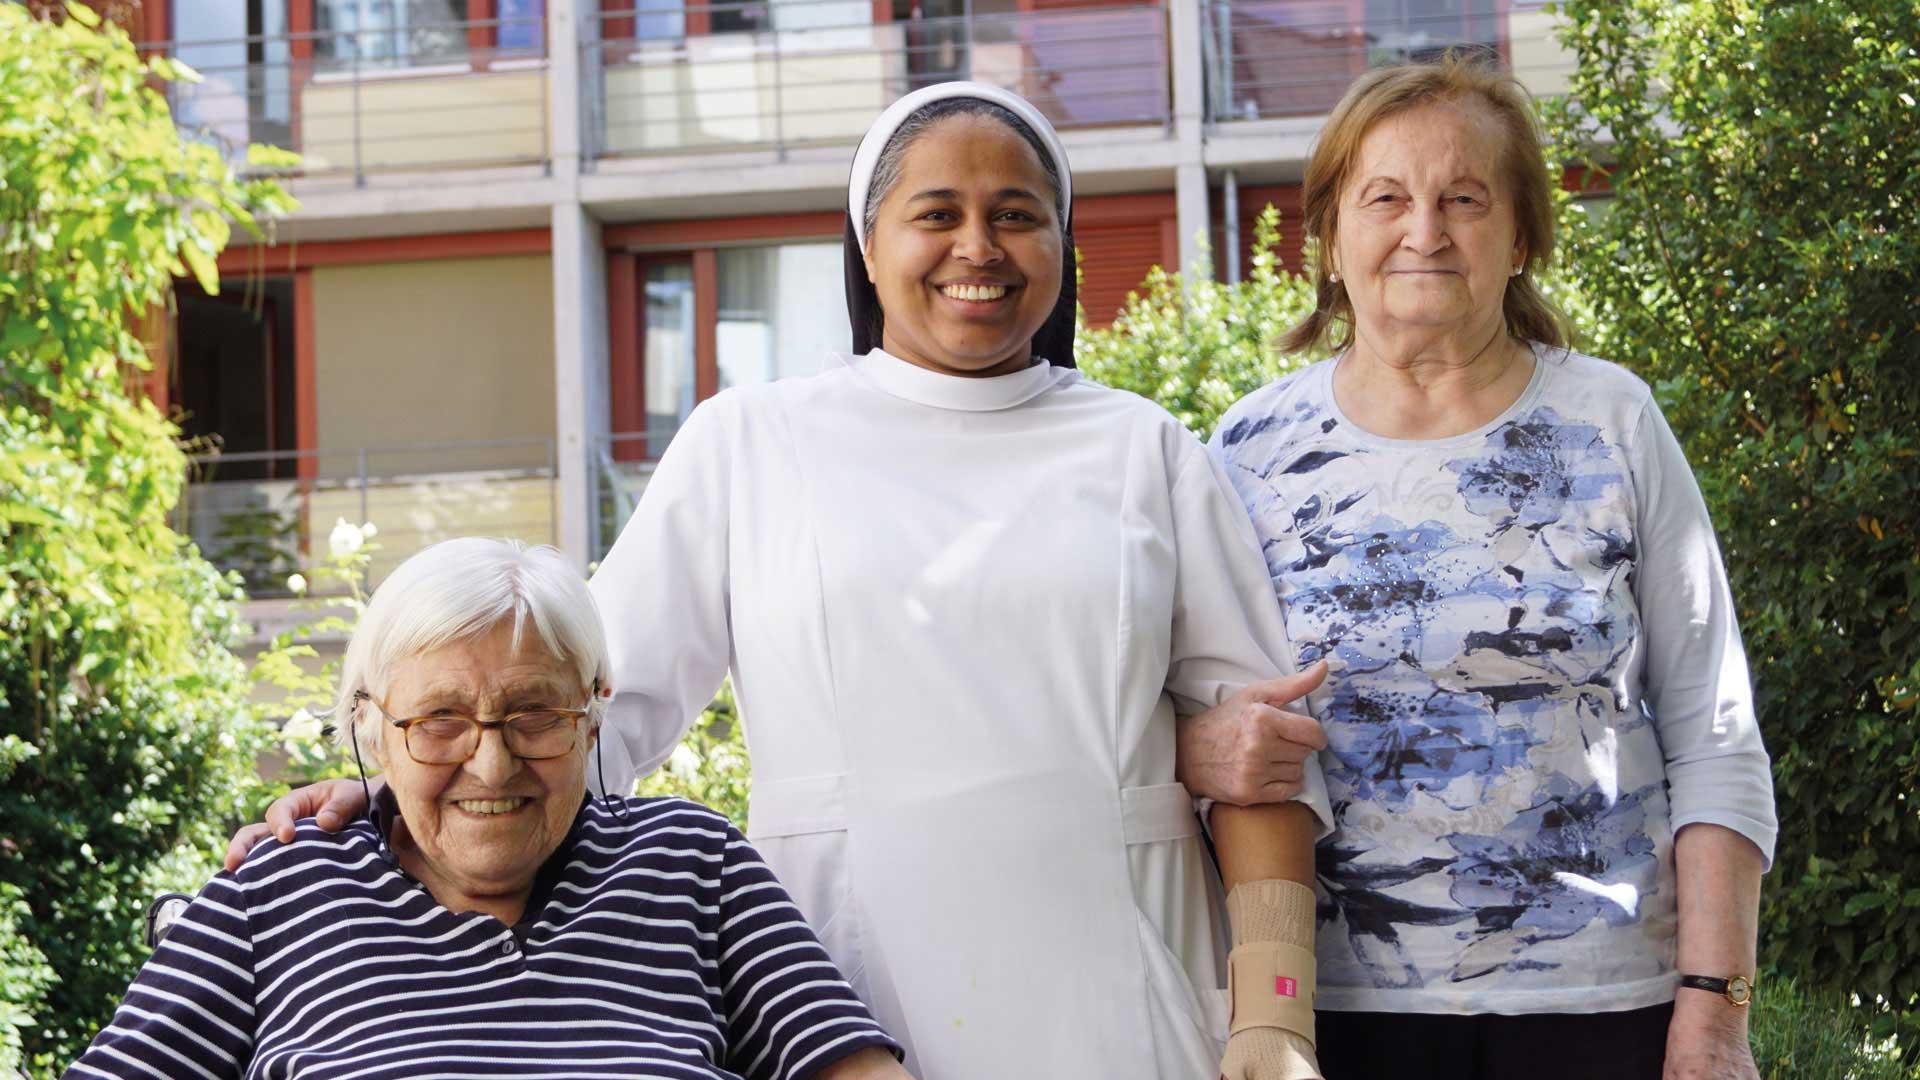 Seniorenzentrum-Bruder-Konrad-Stift-Schwestern-mit-Senioren-6